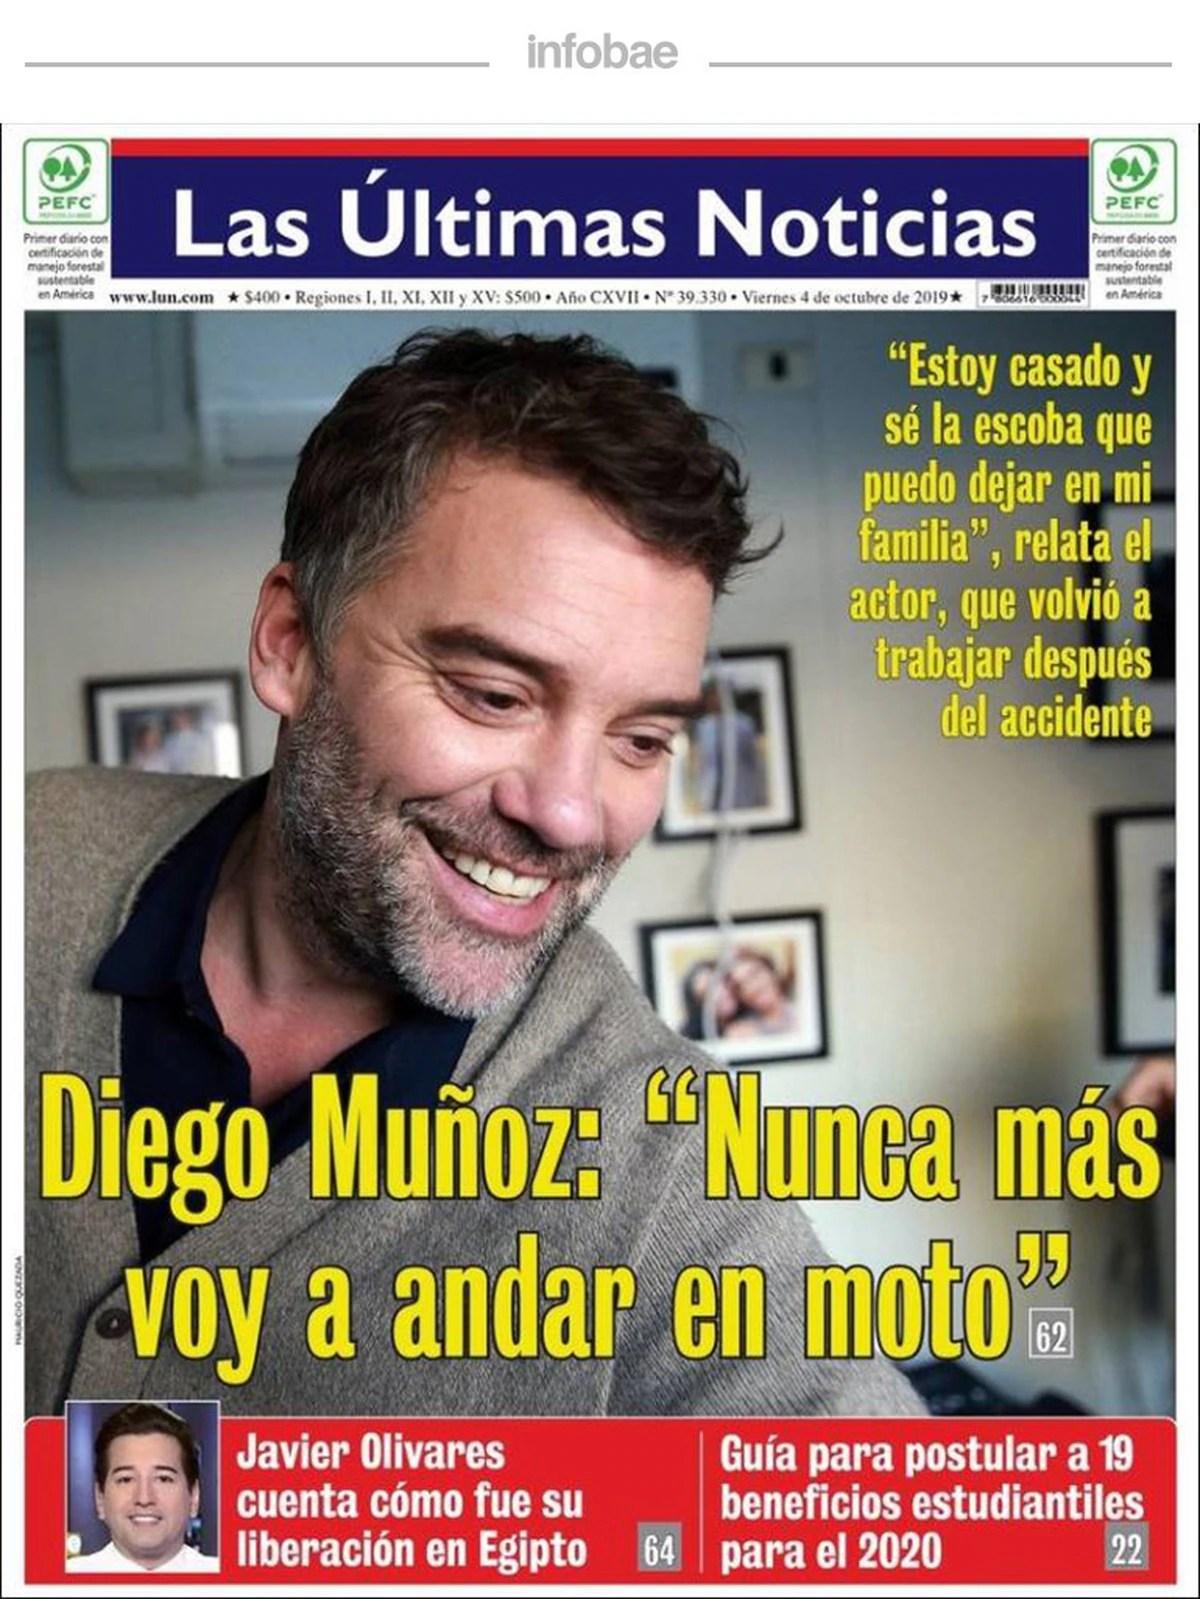 Últimas noticias, Chile, 4 octubre de 2019